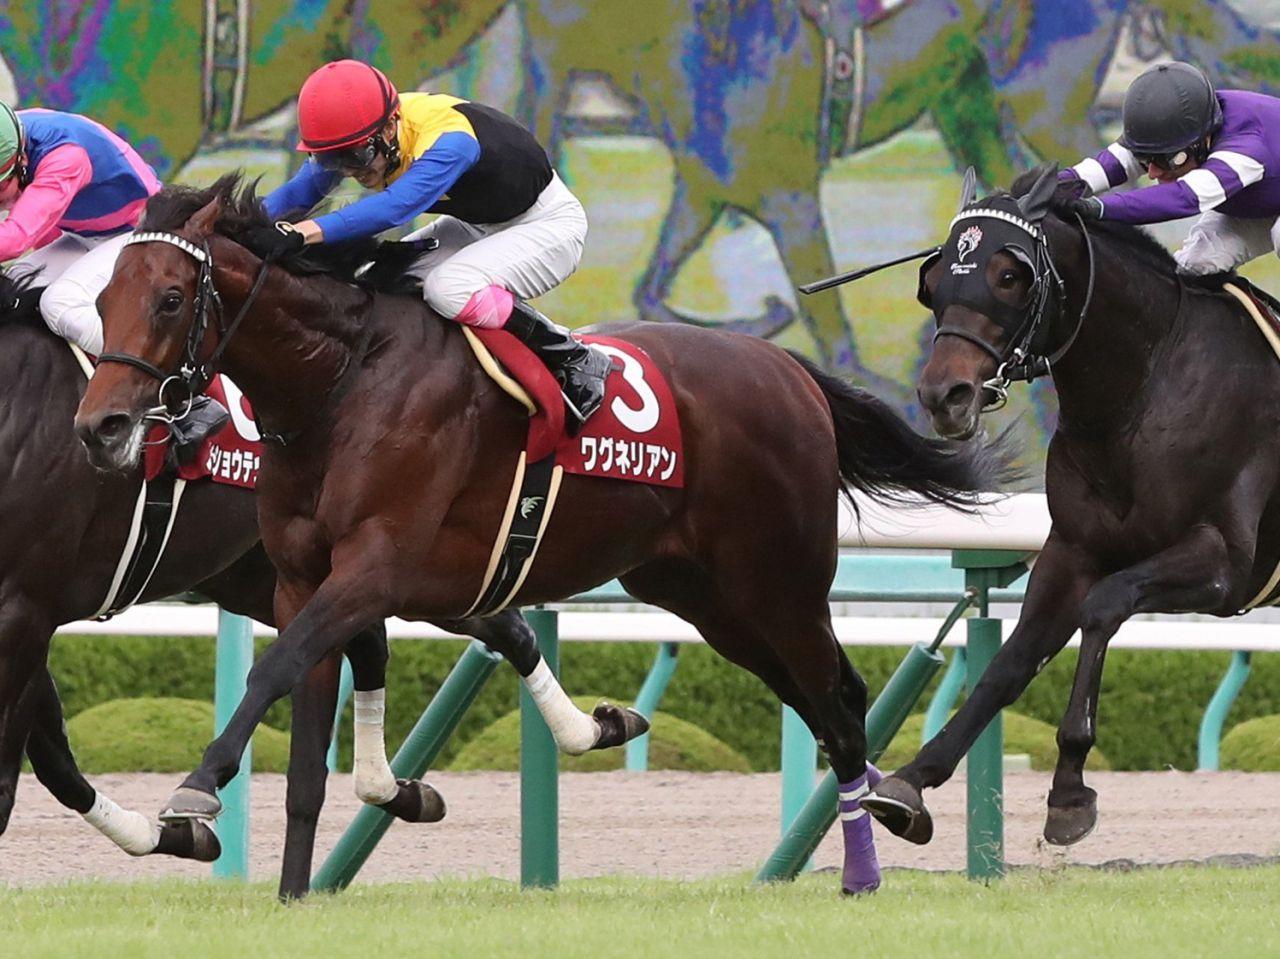 【神戸新聞杯】ワグネリアンが貫禄の差し切り!エポカドーロは4着敗退